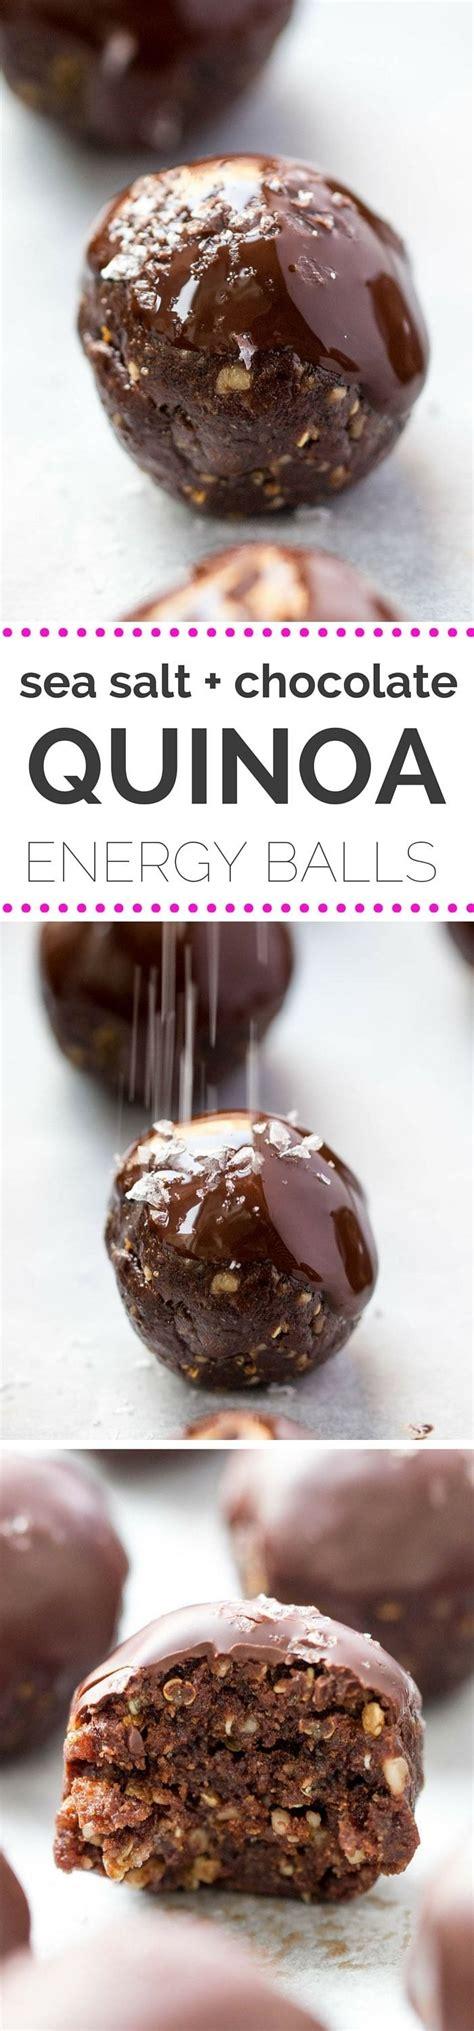 sea salt dark chocolate quinoa energy balls recipe